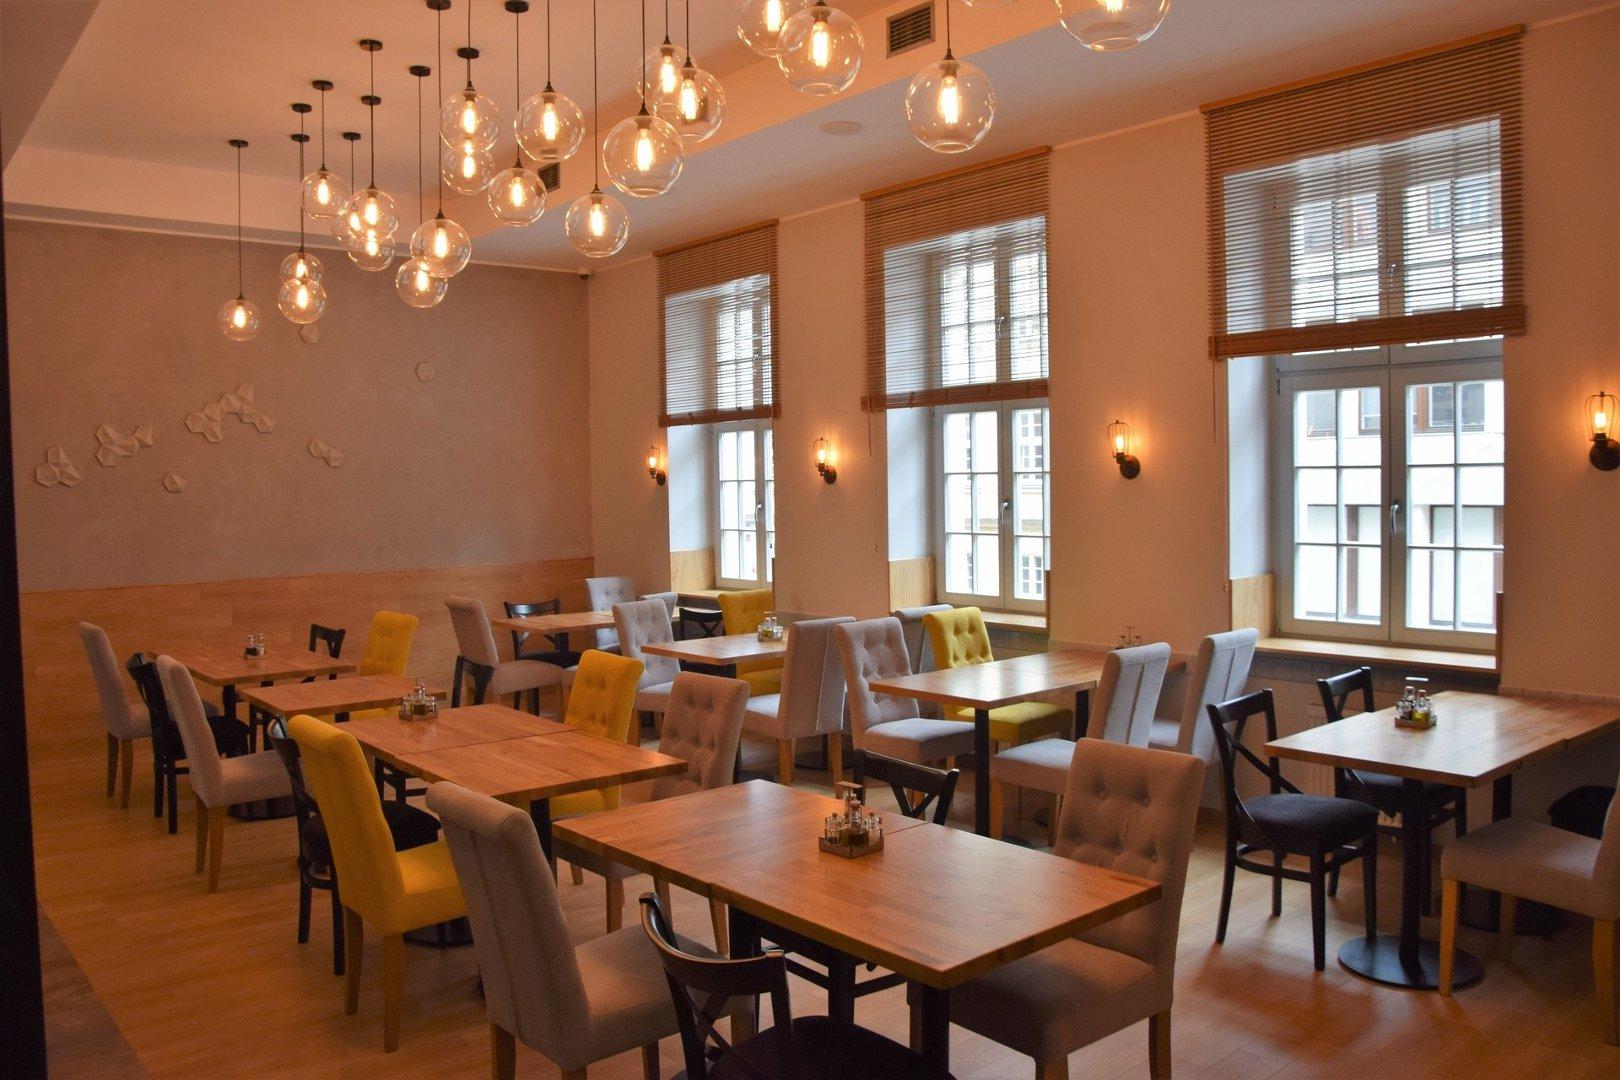 Miejscówka Włoska Restauracja Sapore Wideozdjęcia